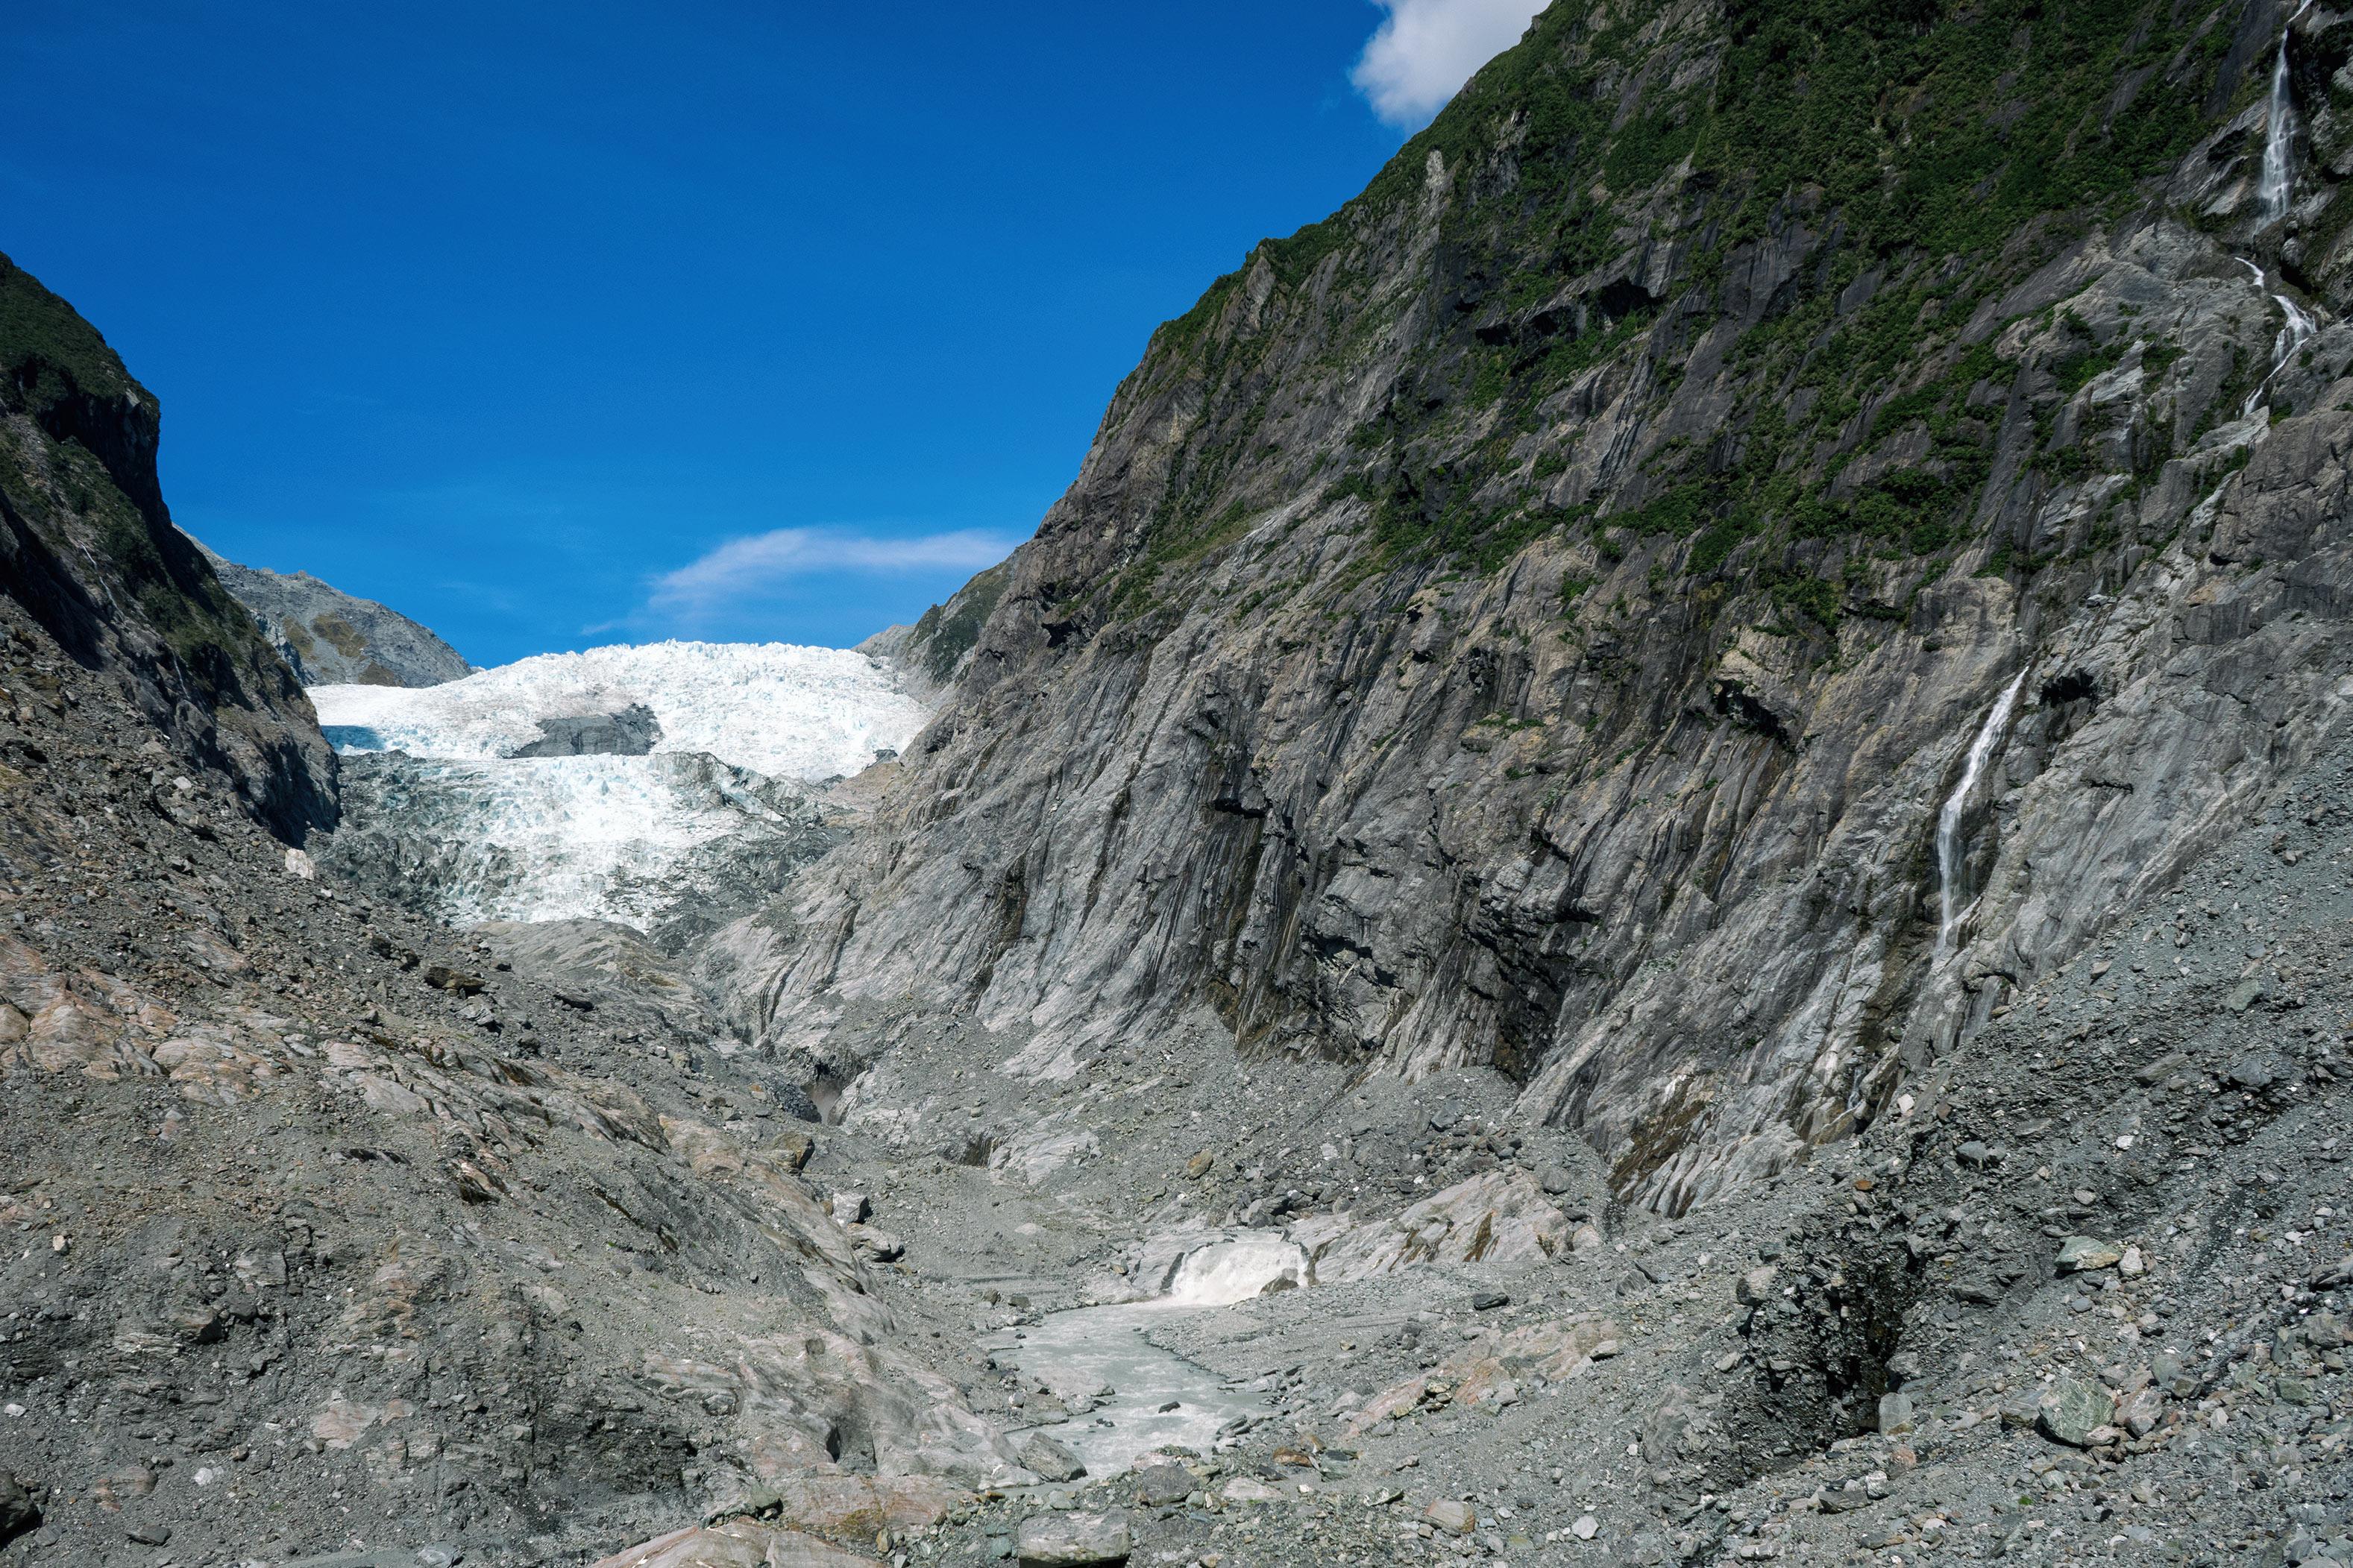 Franz Josef Glacier Valley Walk Terminal Face Of The Glacier